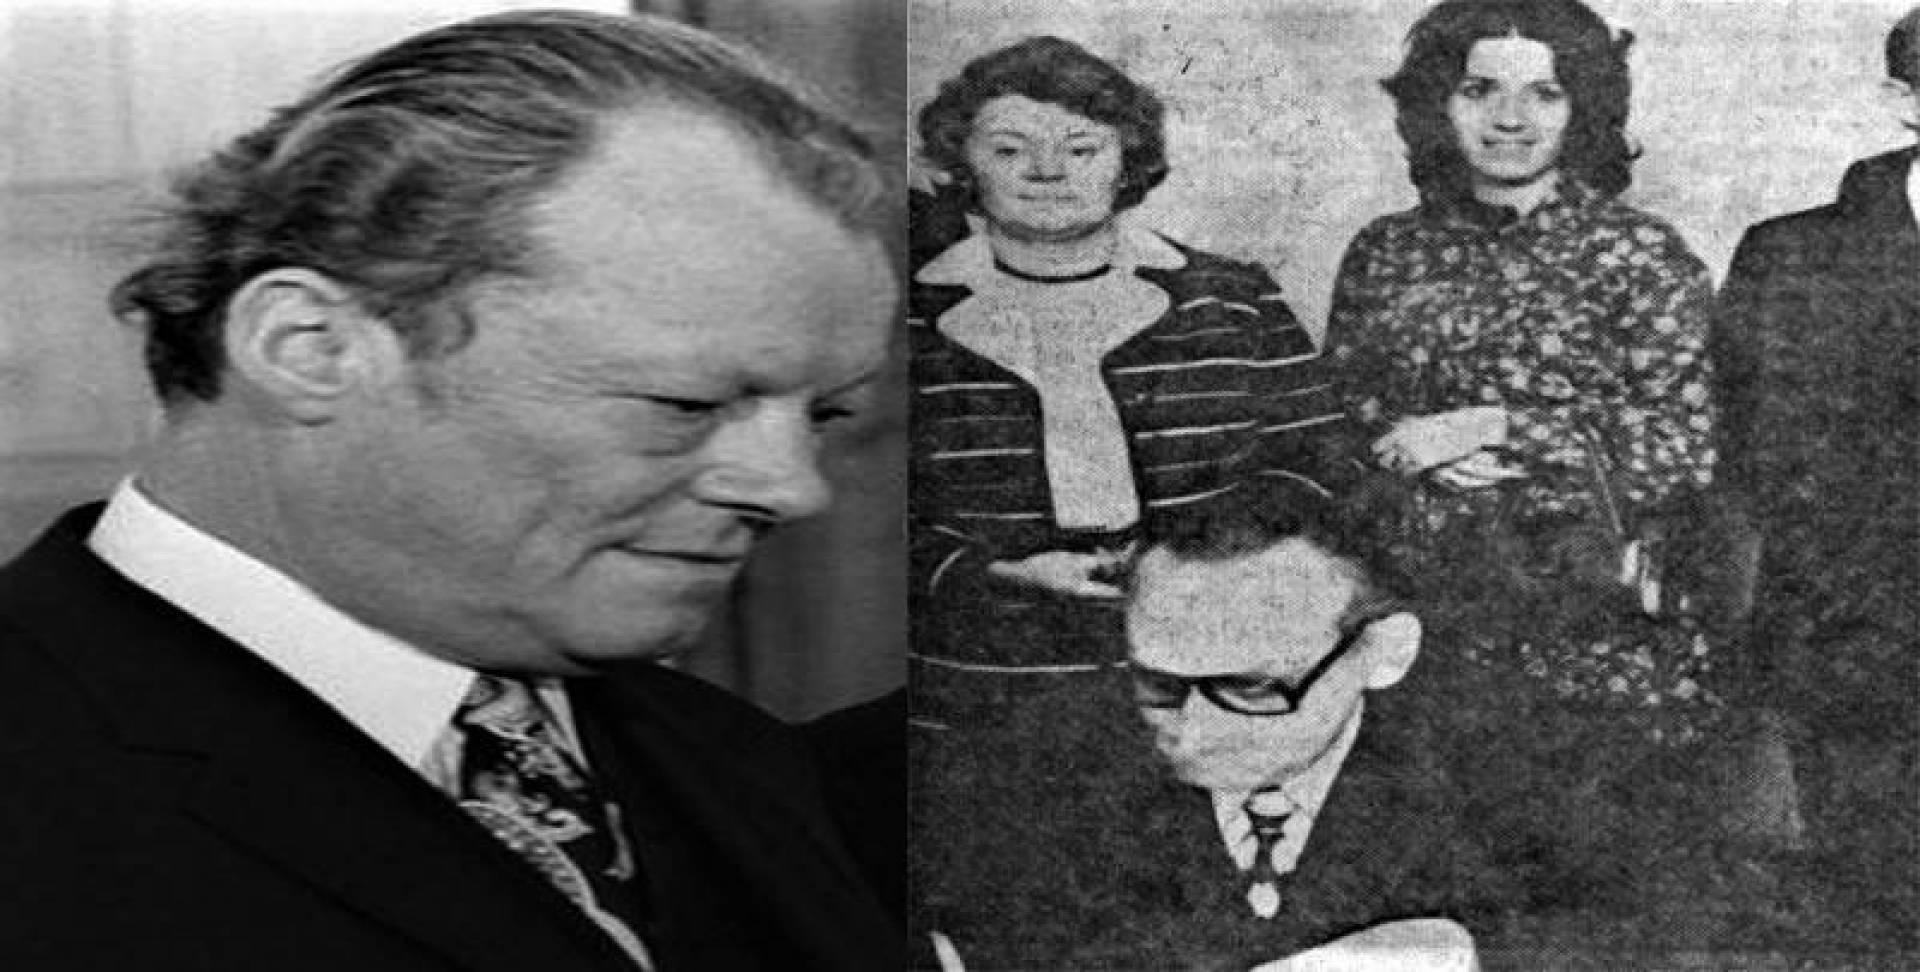 في الإطار ماري لويز عشيقة برانت وأمامها الوزير باهر .. والمستشار الألماني الغربي فيلي برانت.. أرشيفية